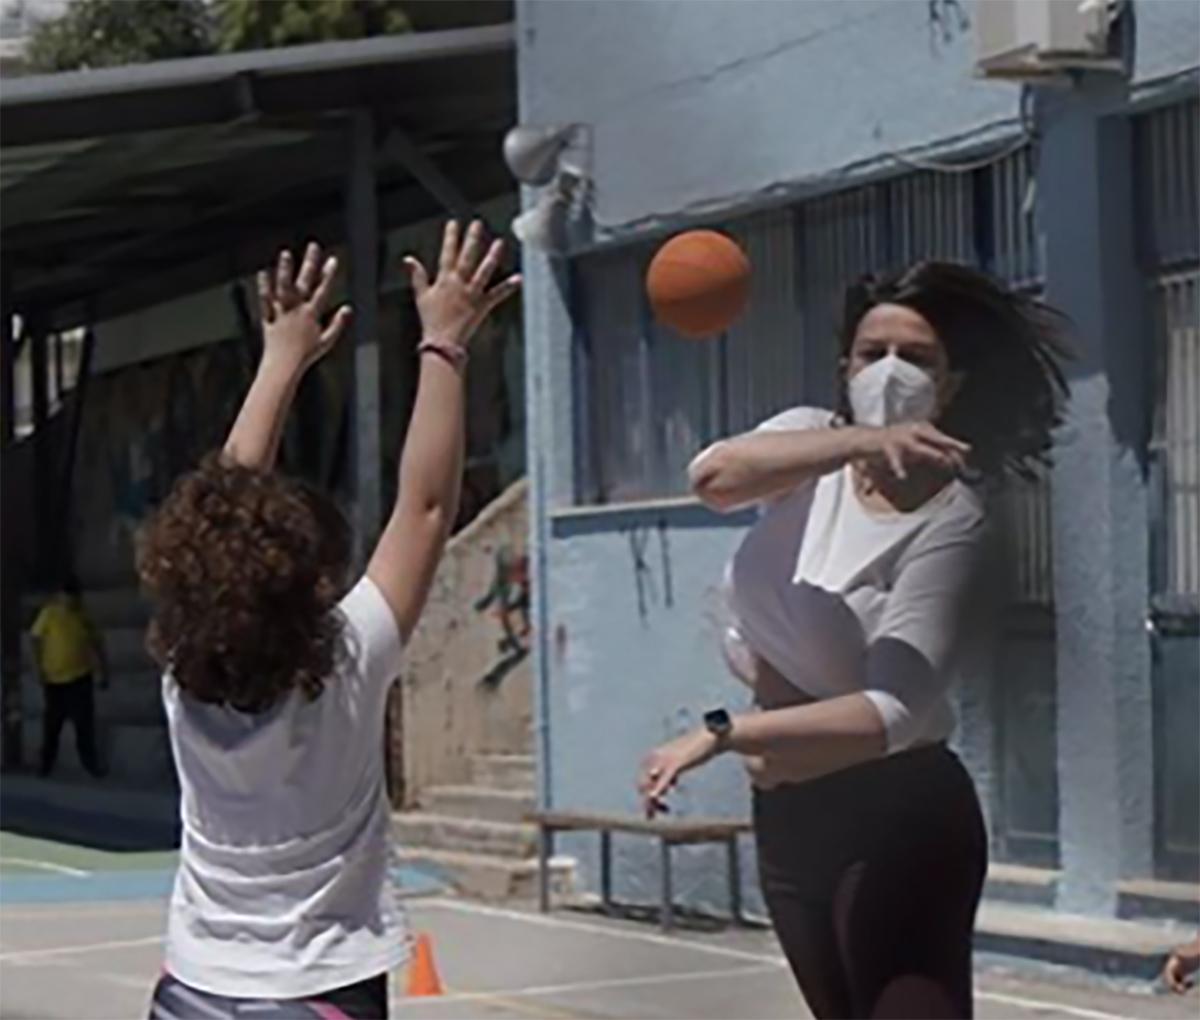 Σχολεία: Η Νίκη Κεραμέως έπαιξε χάντμπολ με τους μικρούς μαθητές